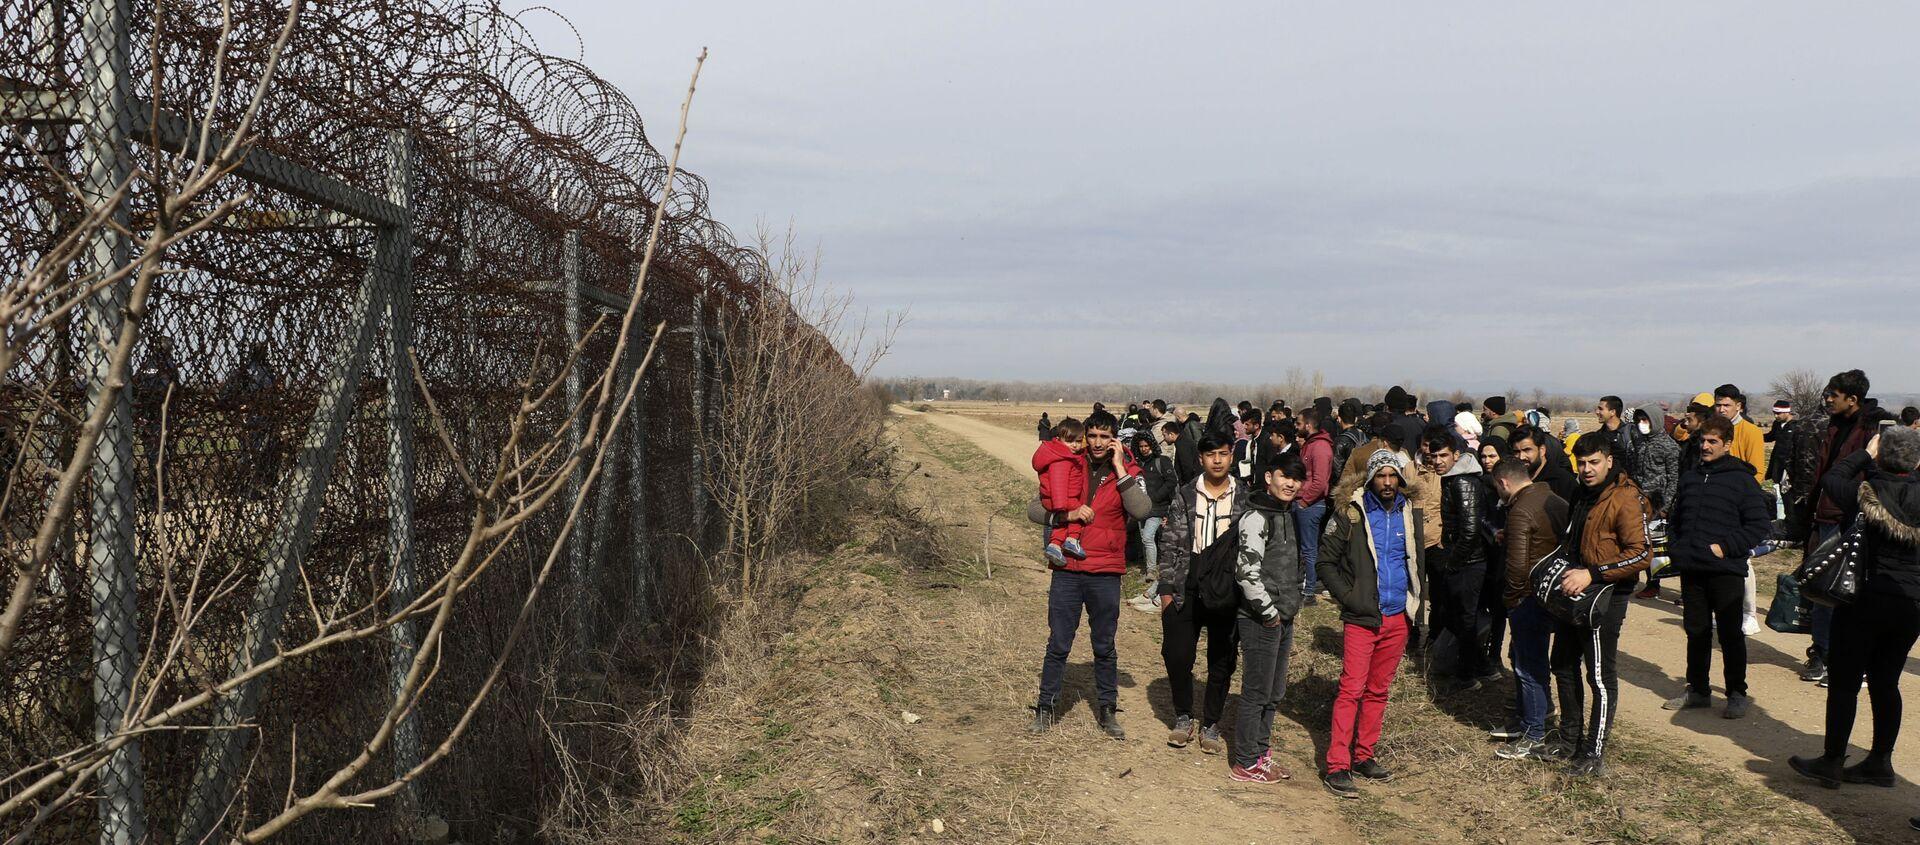 Des gardes-frontières grecs patrouillent, à gauche, alors que des migrants attendent à la frontière entre la Turquie et la Grèce, à Pazarkule, Edirne, en Turquie, le vendredi 28 février 2020. Les émissaires de l'OTAN tenaient des discussions d'urgence vendredi à la demande de la Turquie après le meurtre de 33 soldats turcs dans le nord-est de la Syrie, alors que des dizaines de migrants se sont rassemblés à la frontière turque avec la Grèce pour tenter d'entrer en Europe. (IHA via AP) - Sputnik France, 1920, 11.08.2021